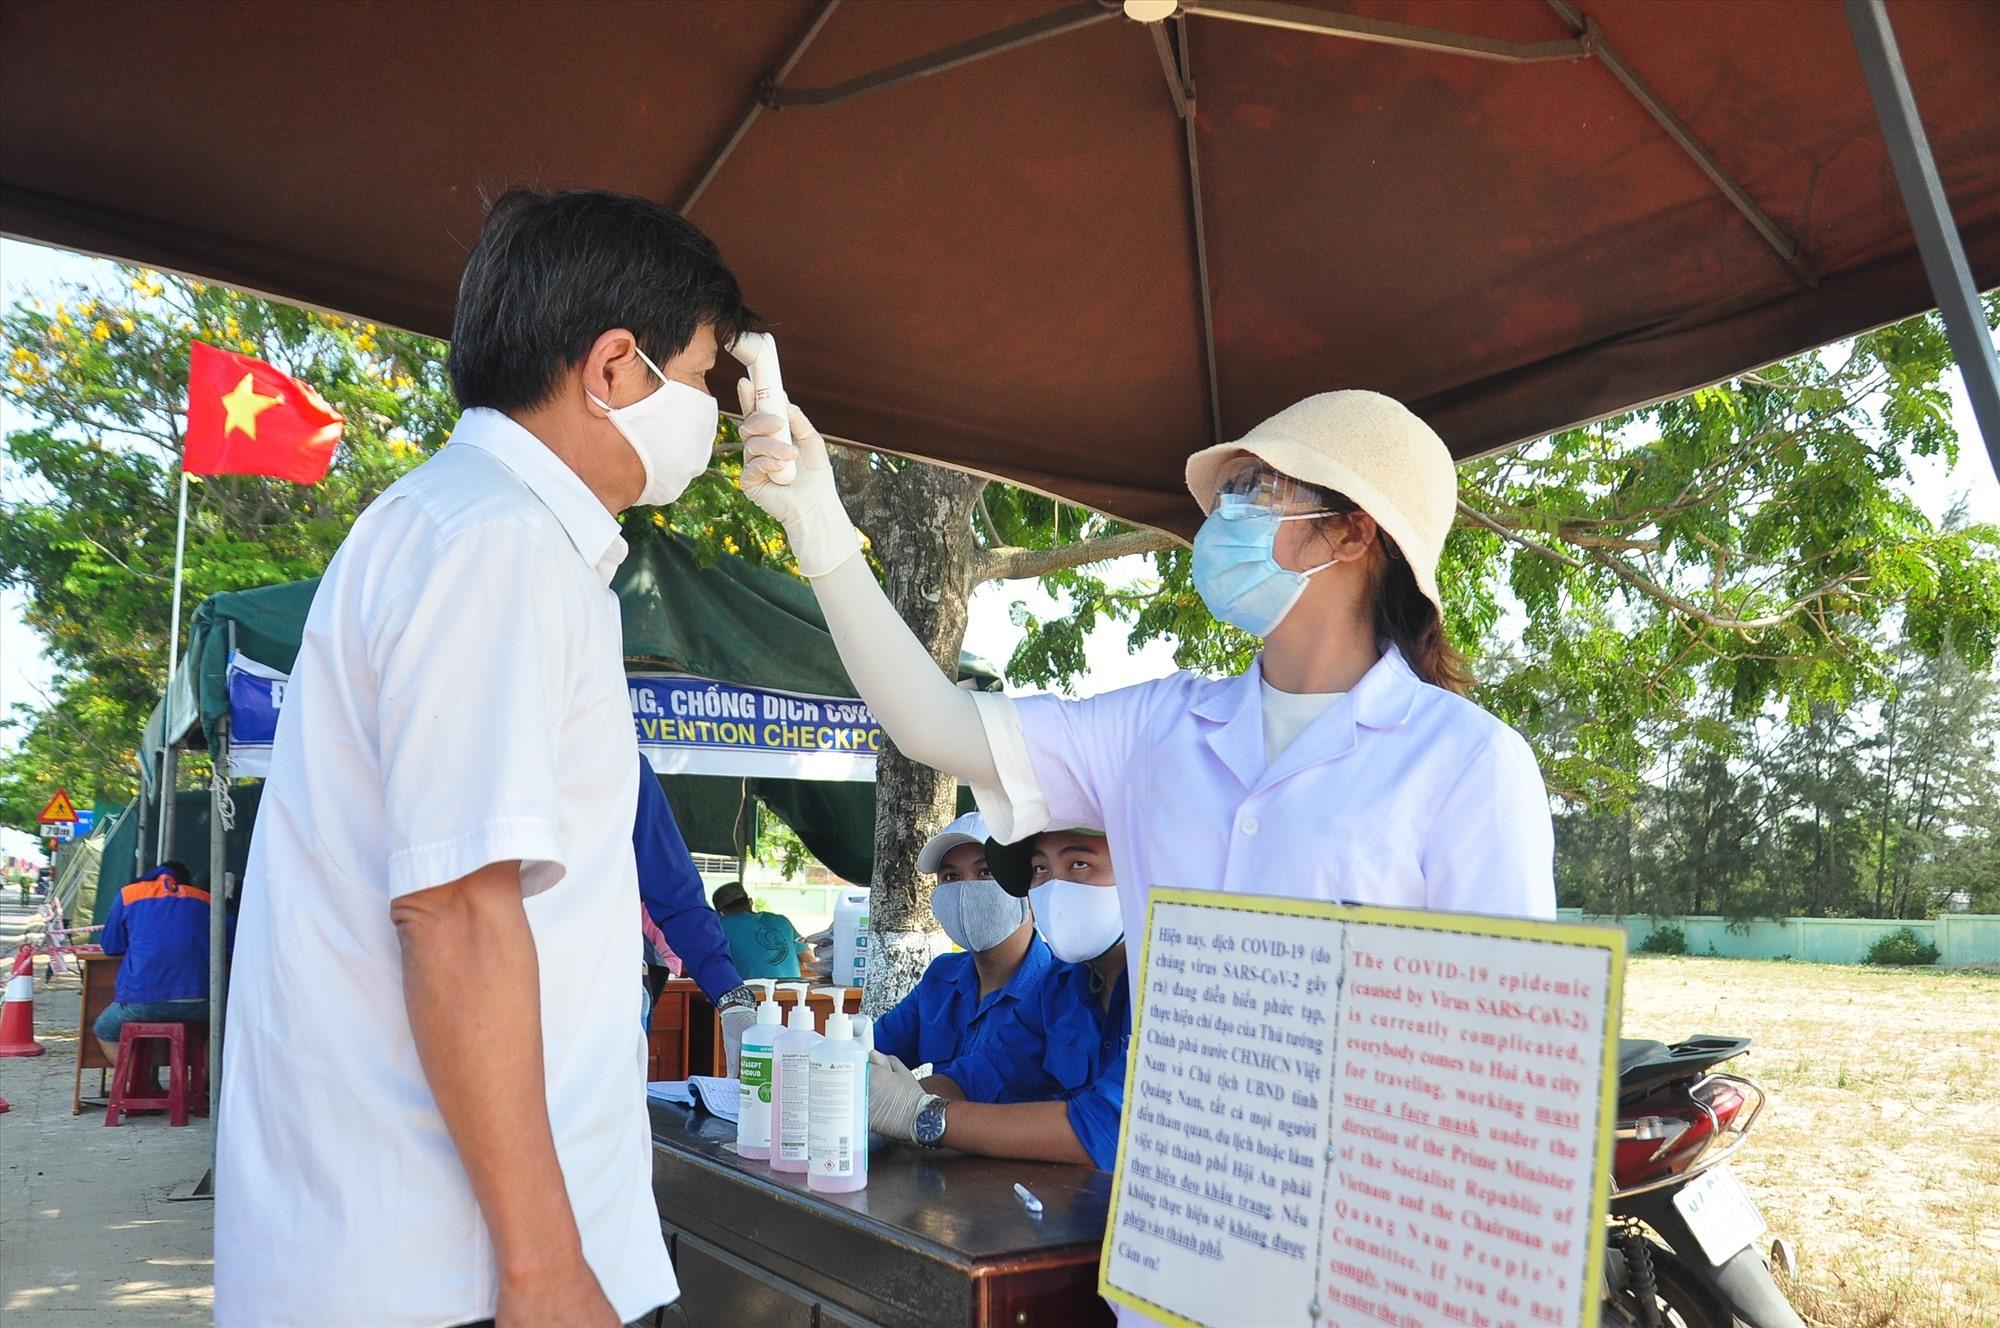 Người dân được đo thân nhiệt trước khi làm thủ tục khai báo y tế tại các chốt kiểm soát. Ảnh: V.A